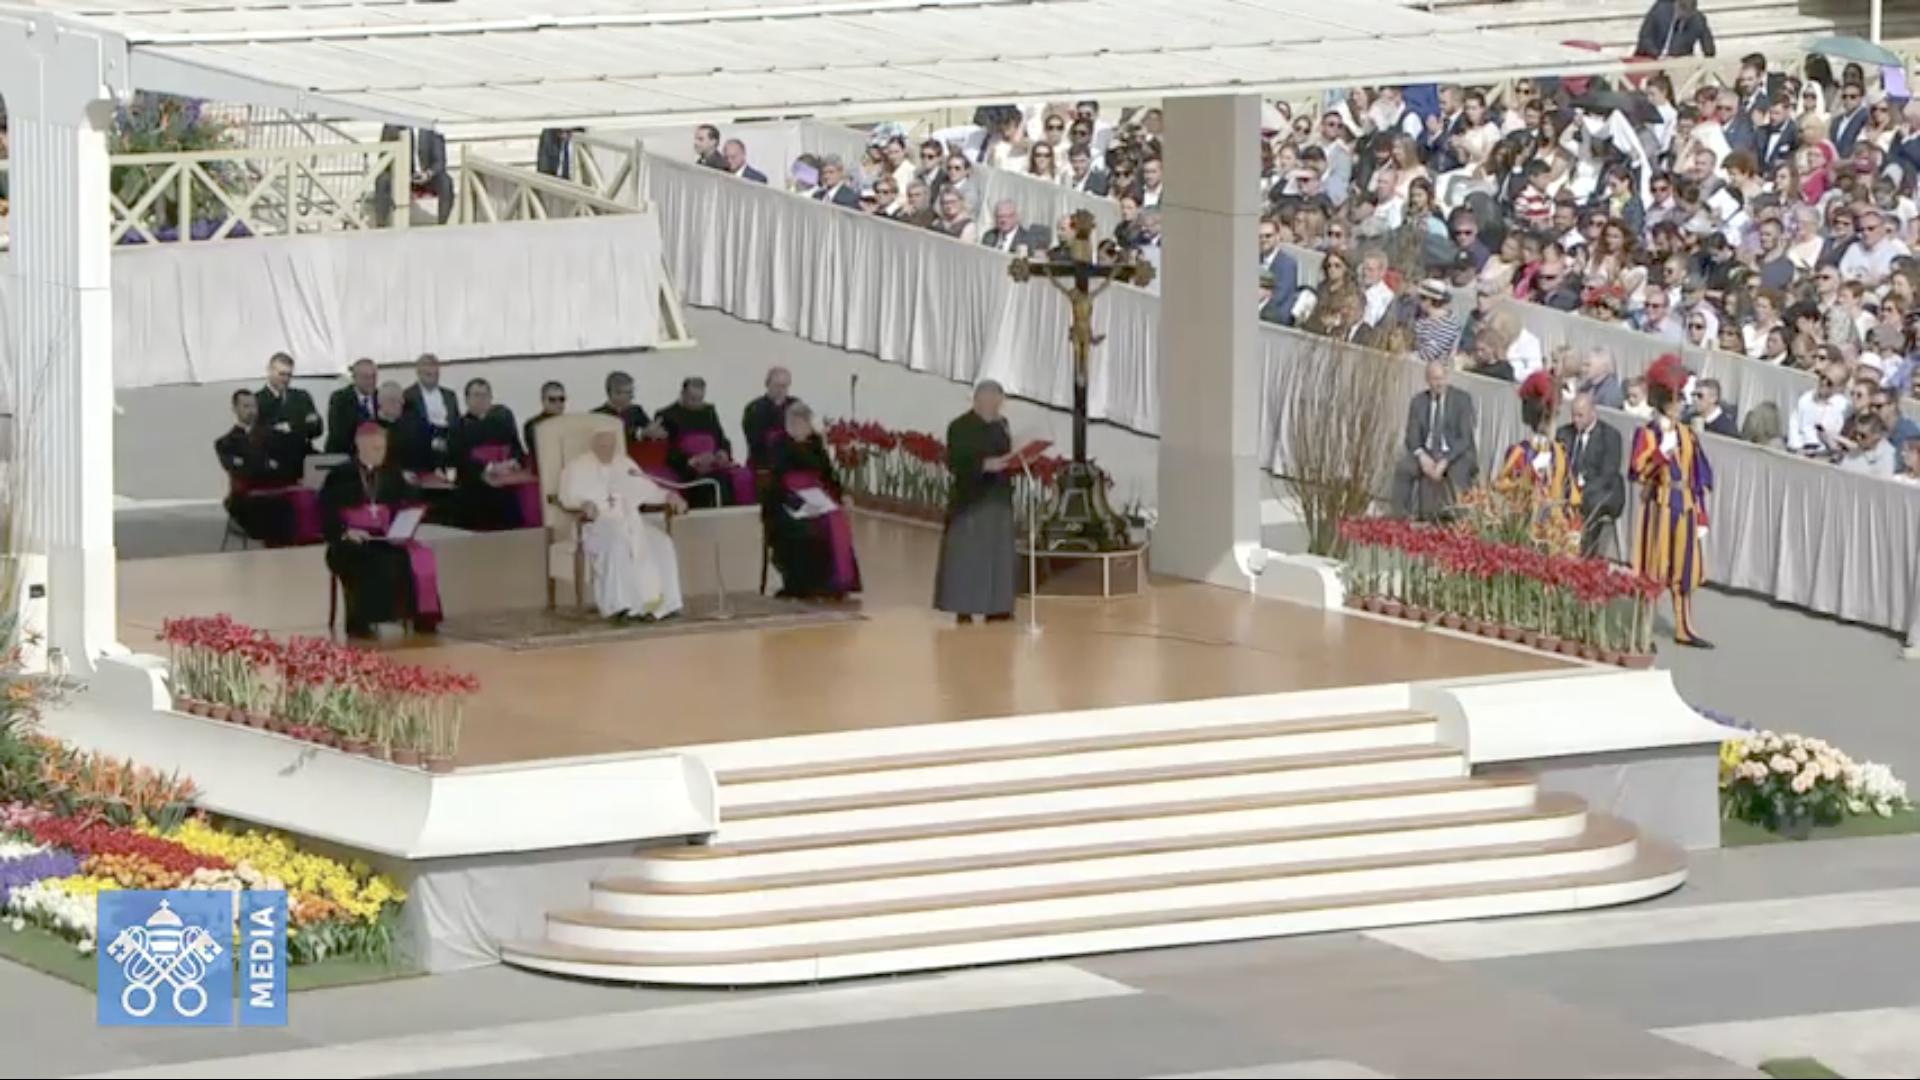 Audience du mercredi de Pâques, 24 avril 2019 @ Vatican Media